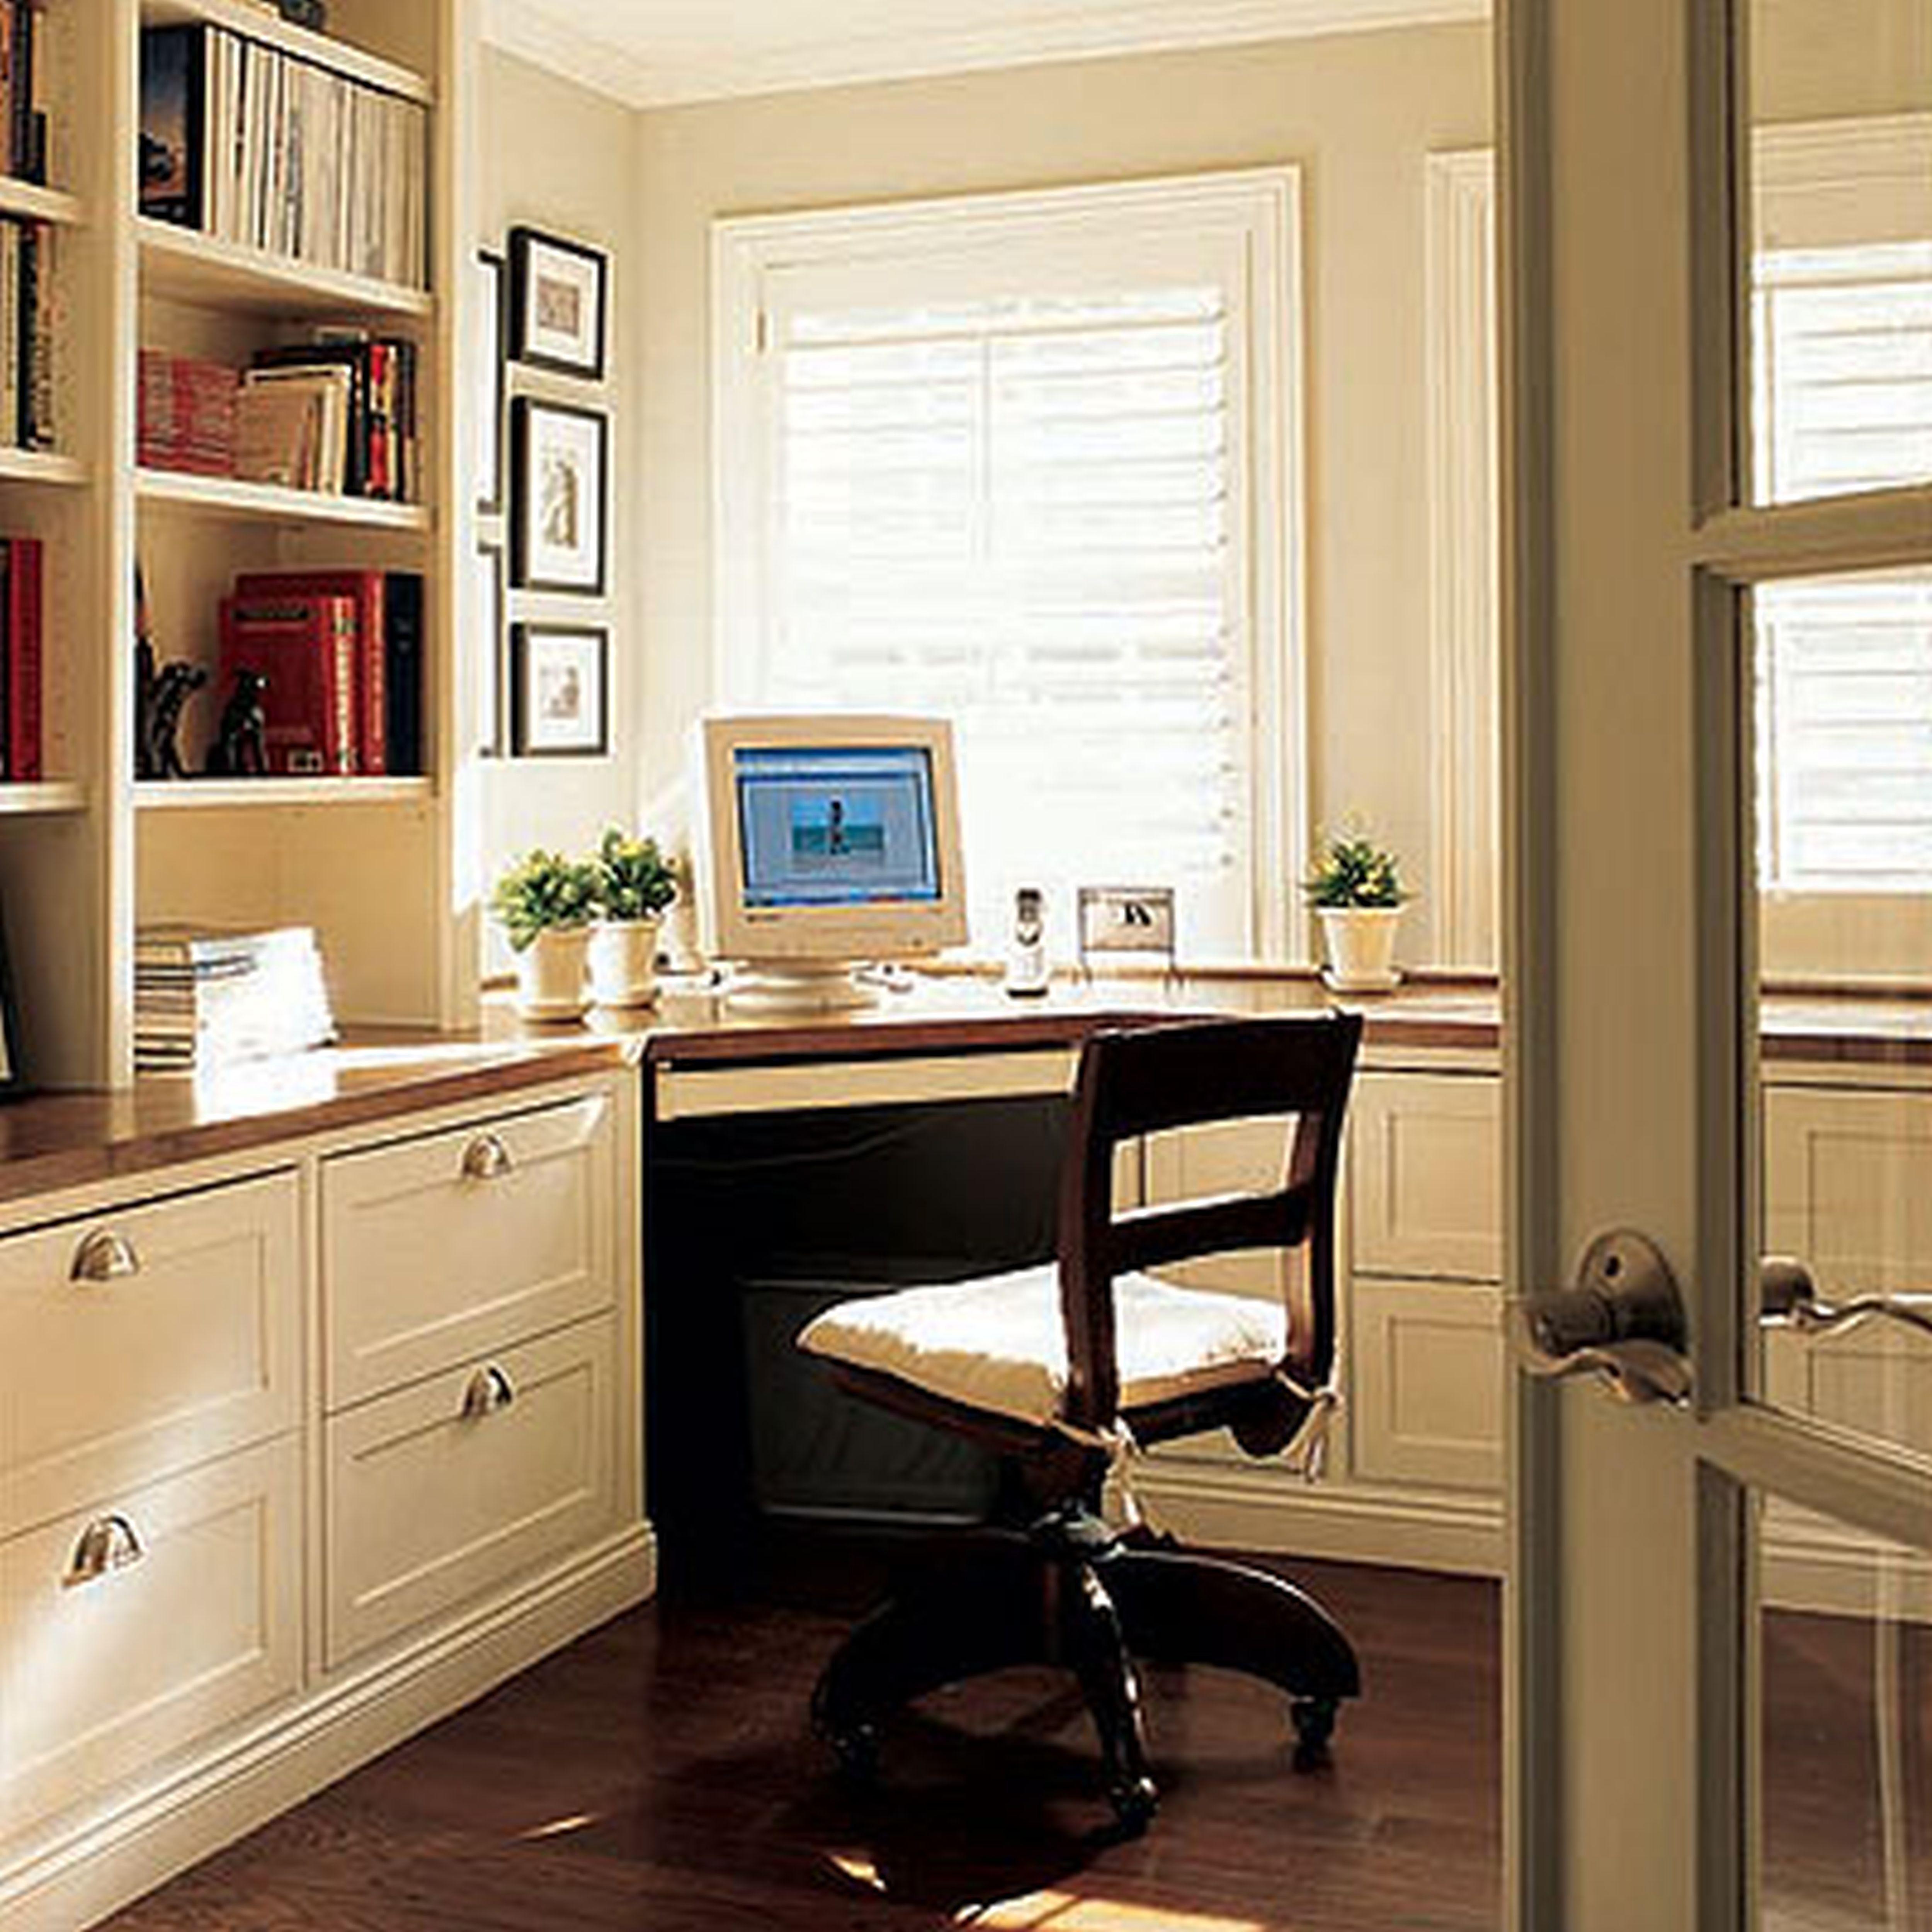 Kitchen cabinets desk workspace kitchen cabinets pinterest